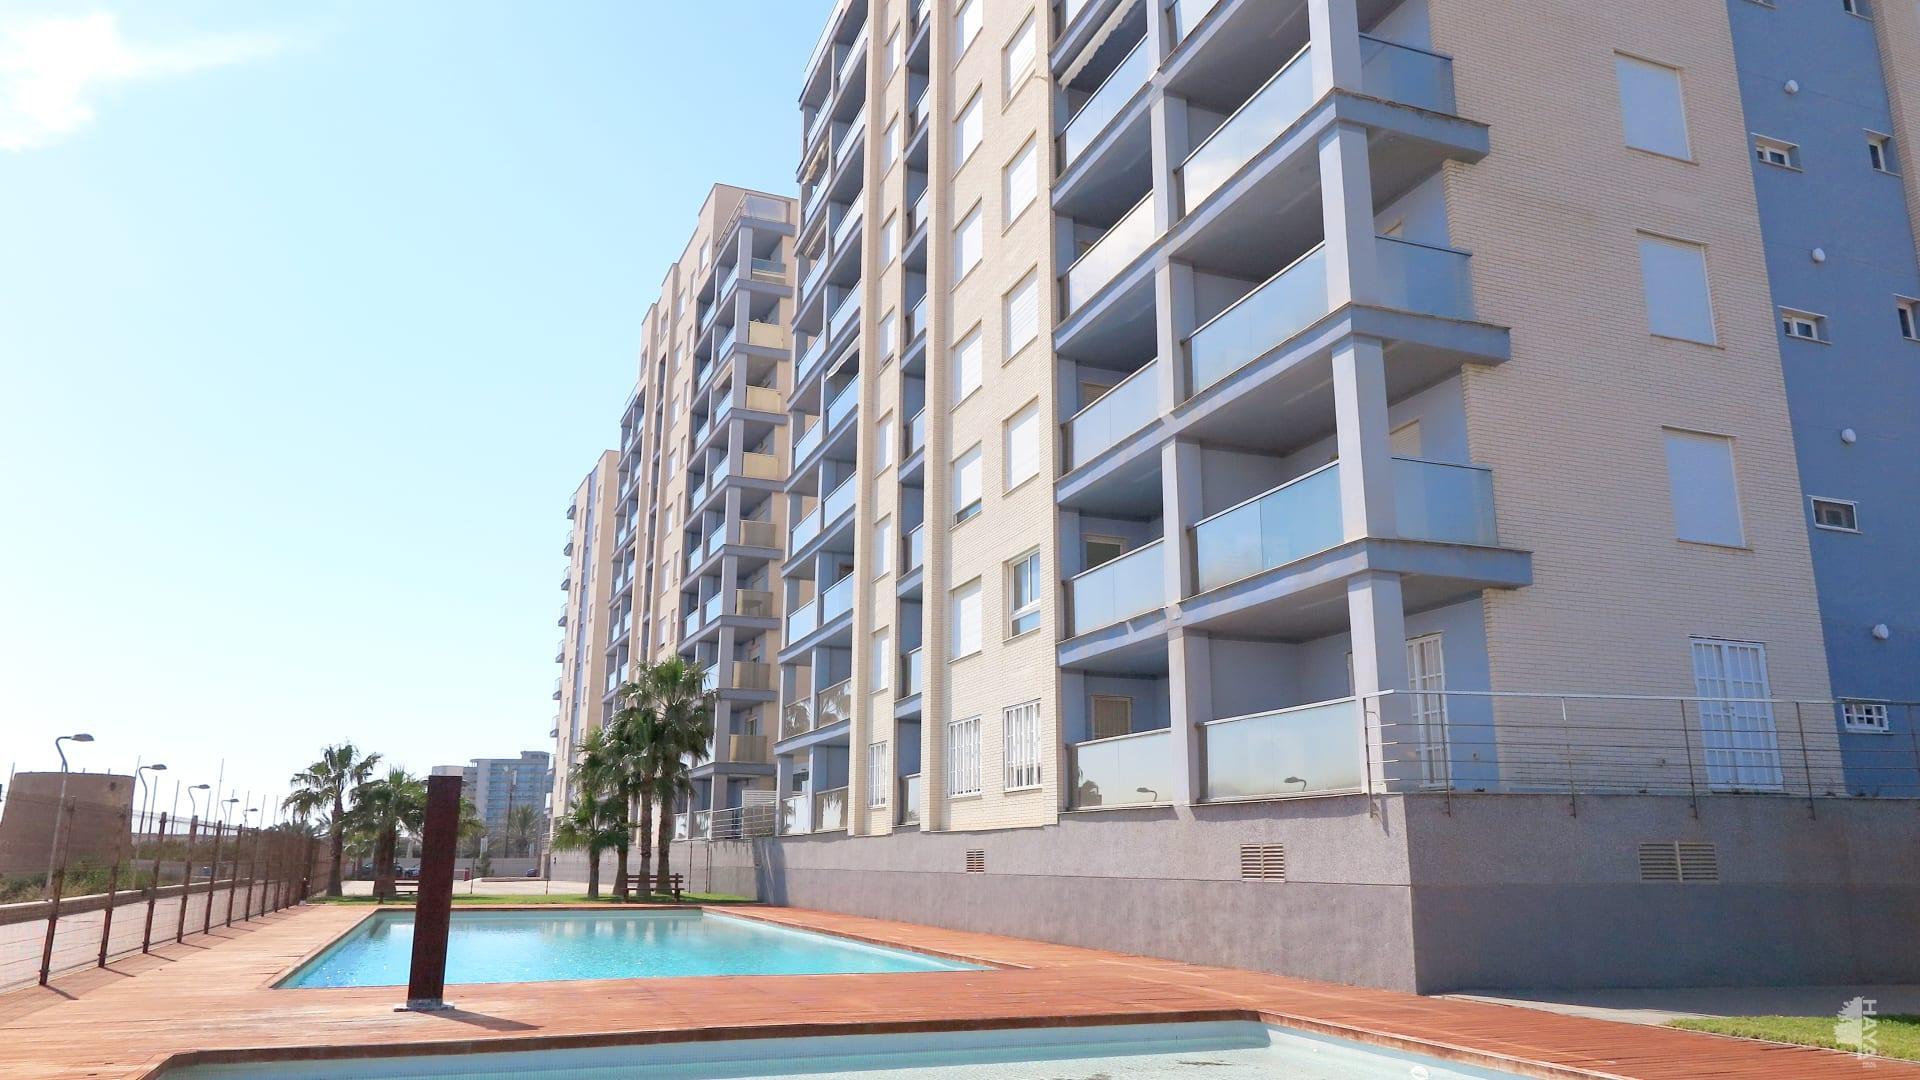 Piso en venta en San Javier, Murcia, Calle Prolongación Pol F. Conj Resid. Veneziola Golf Ii, 91.000 €, 1 habitación, 1 baño, 60 m2